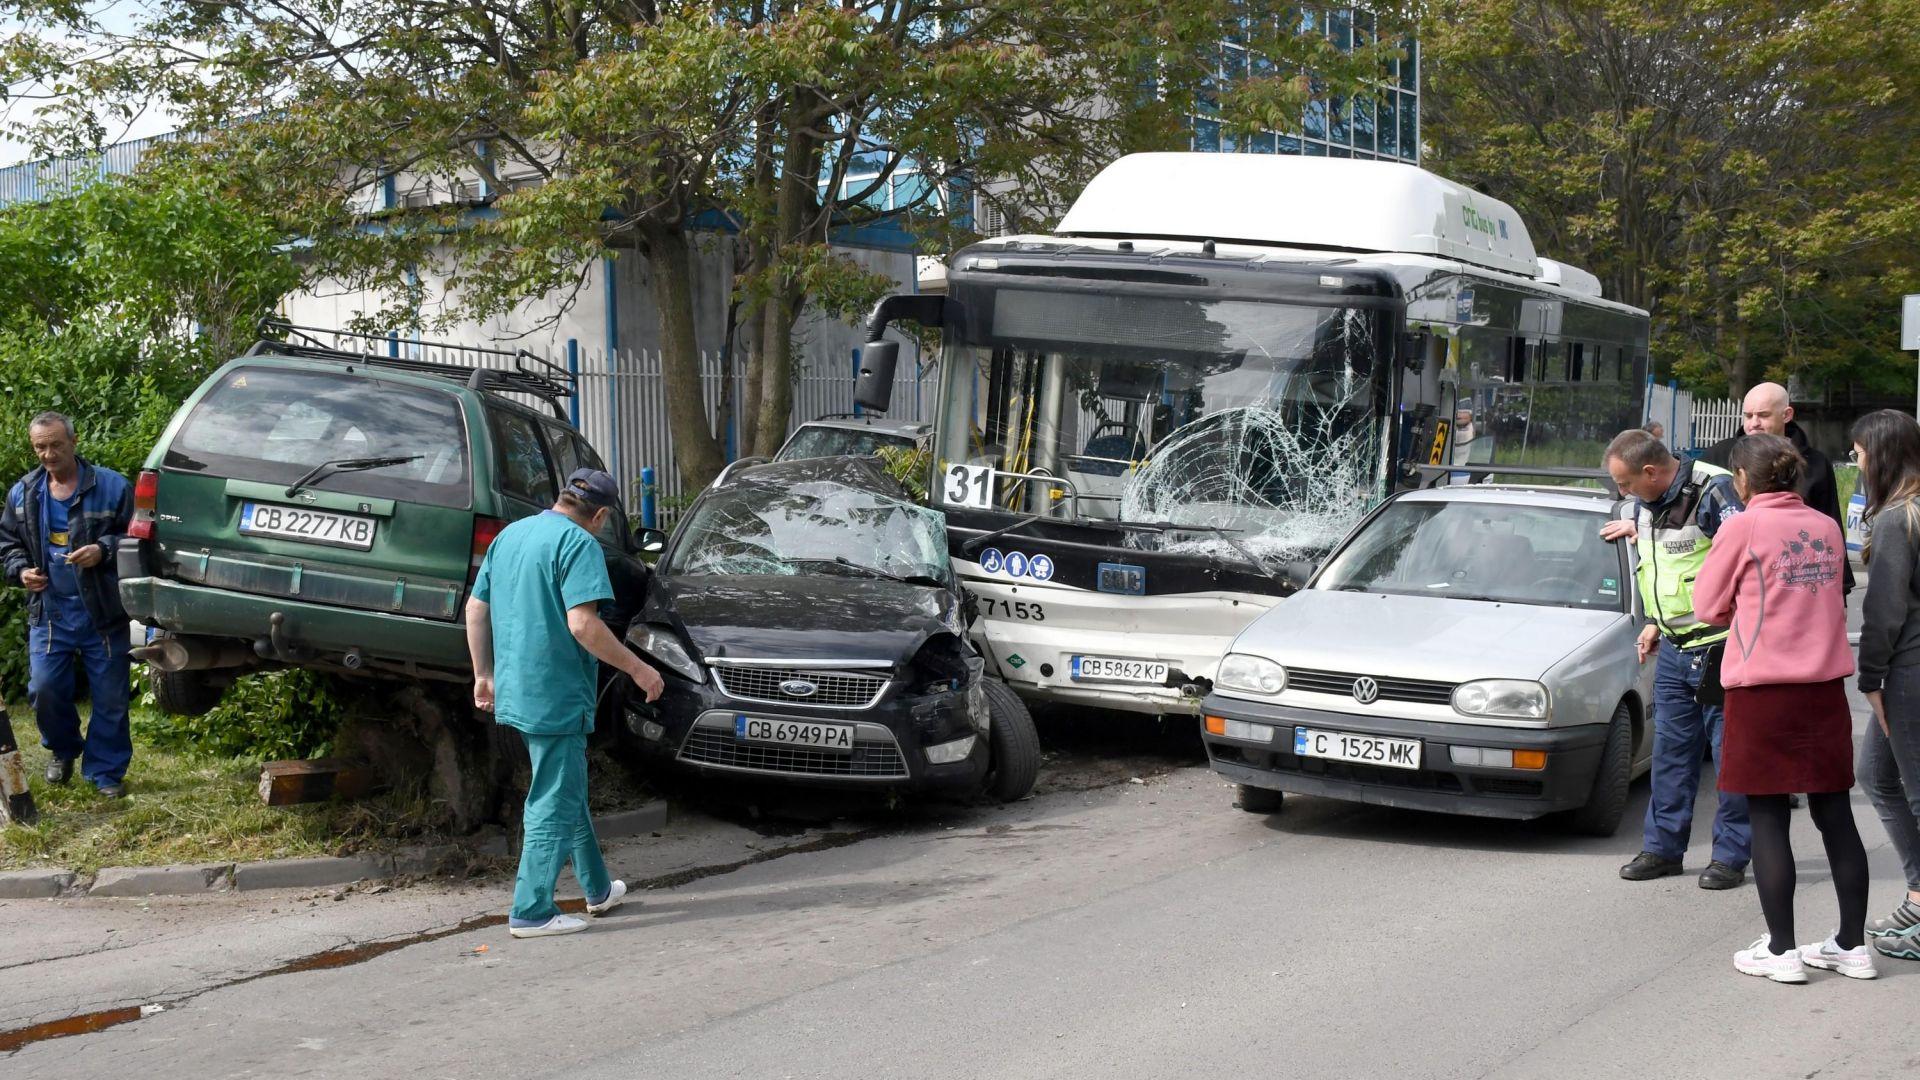 Шофьорът на автобуса, помел 7 коли, натиснал газта вместо спирачка